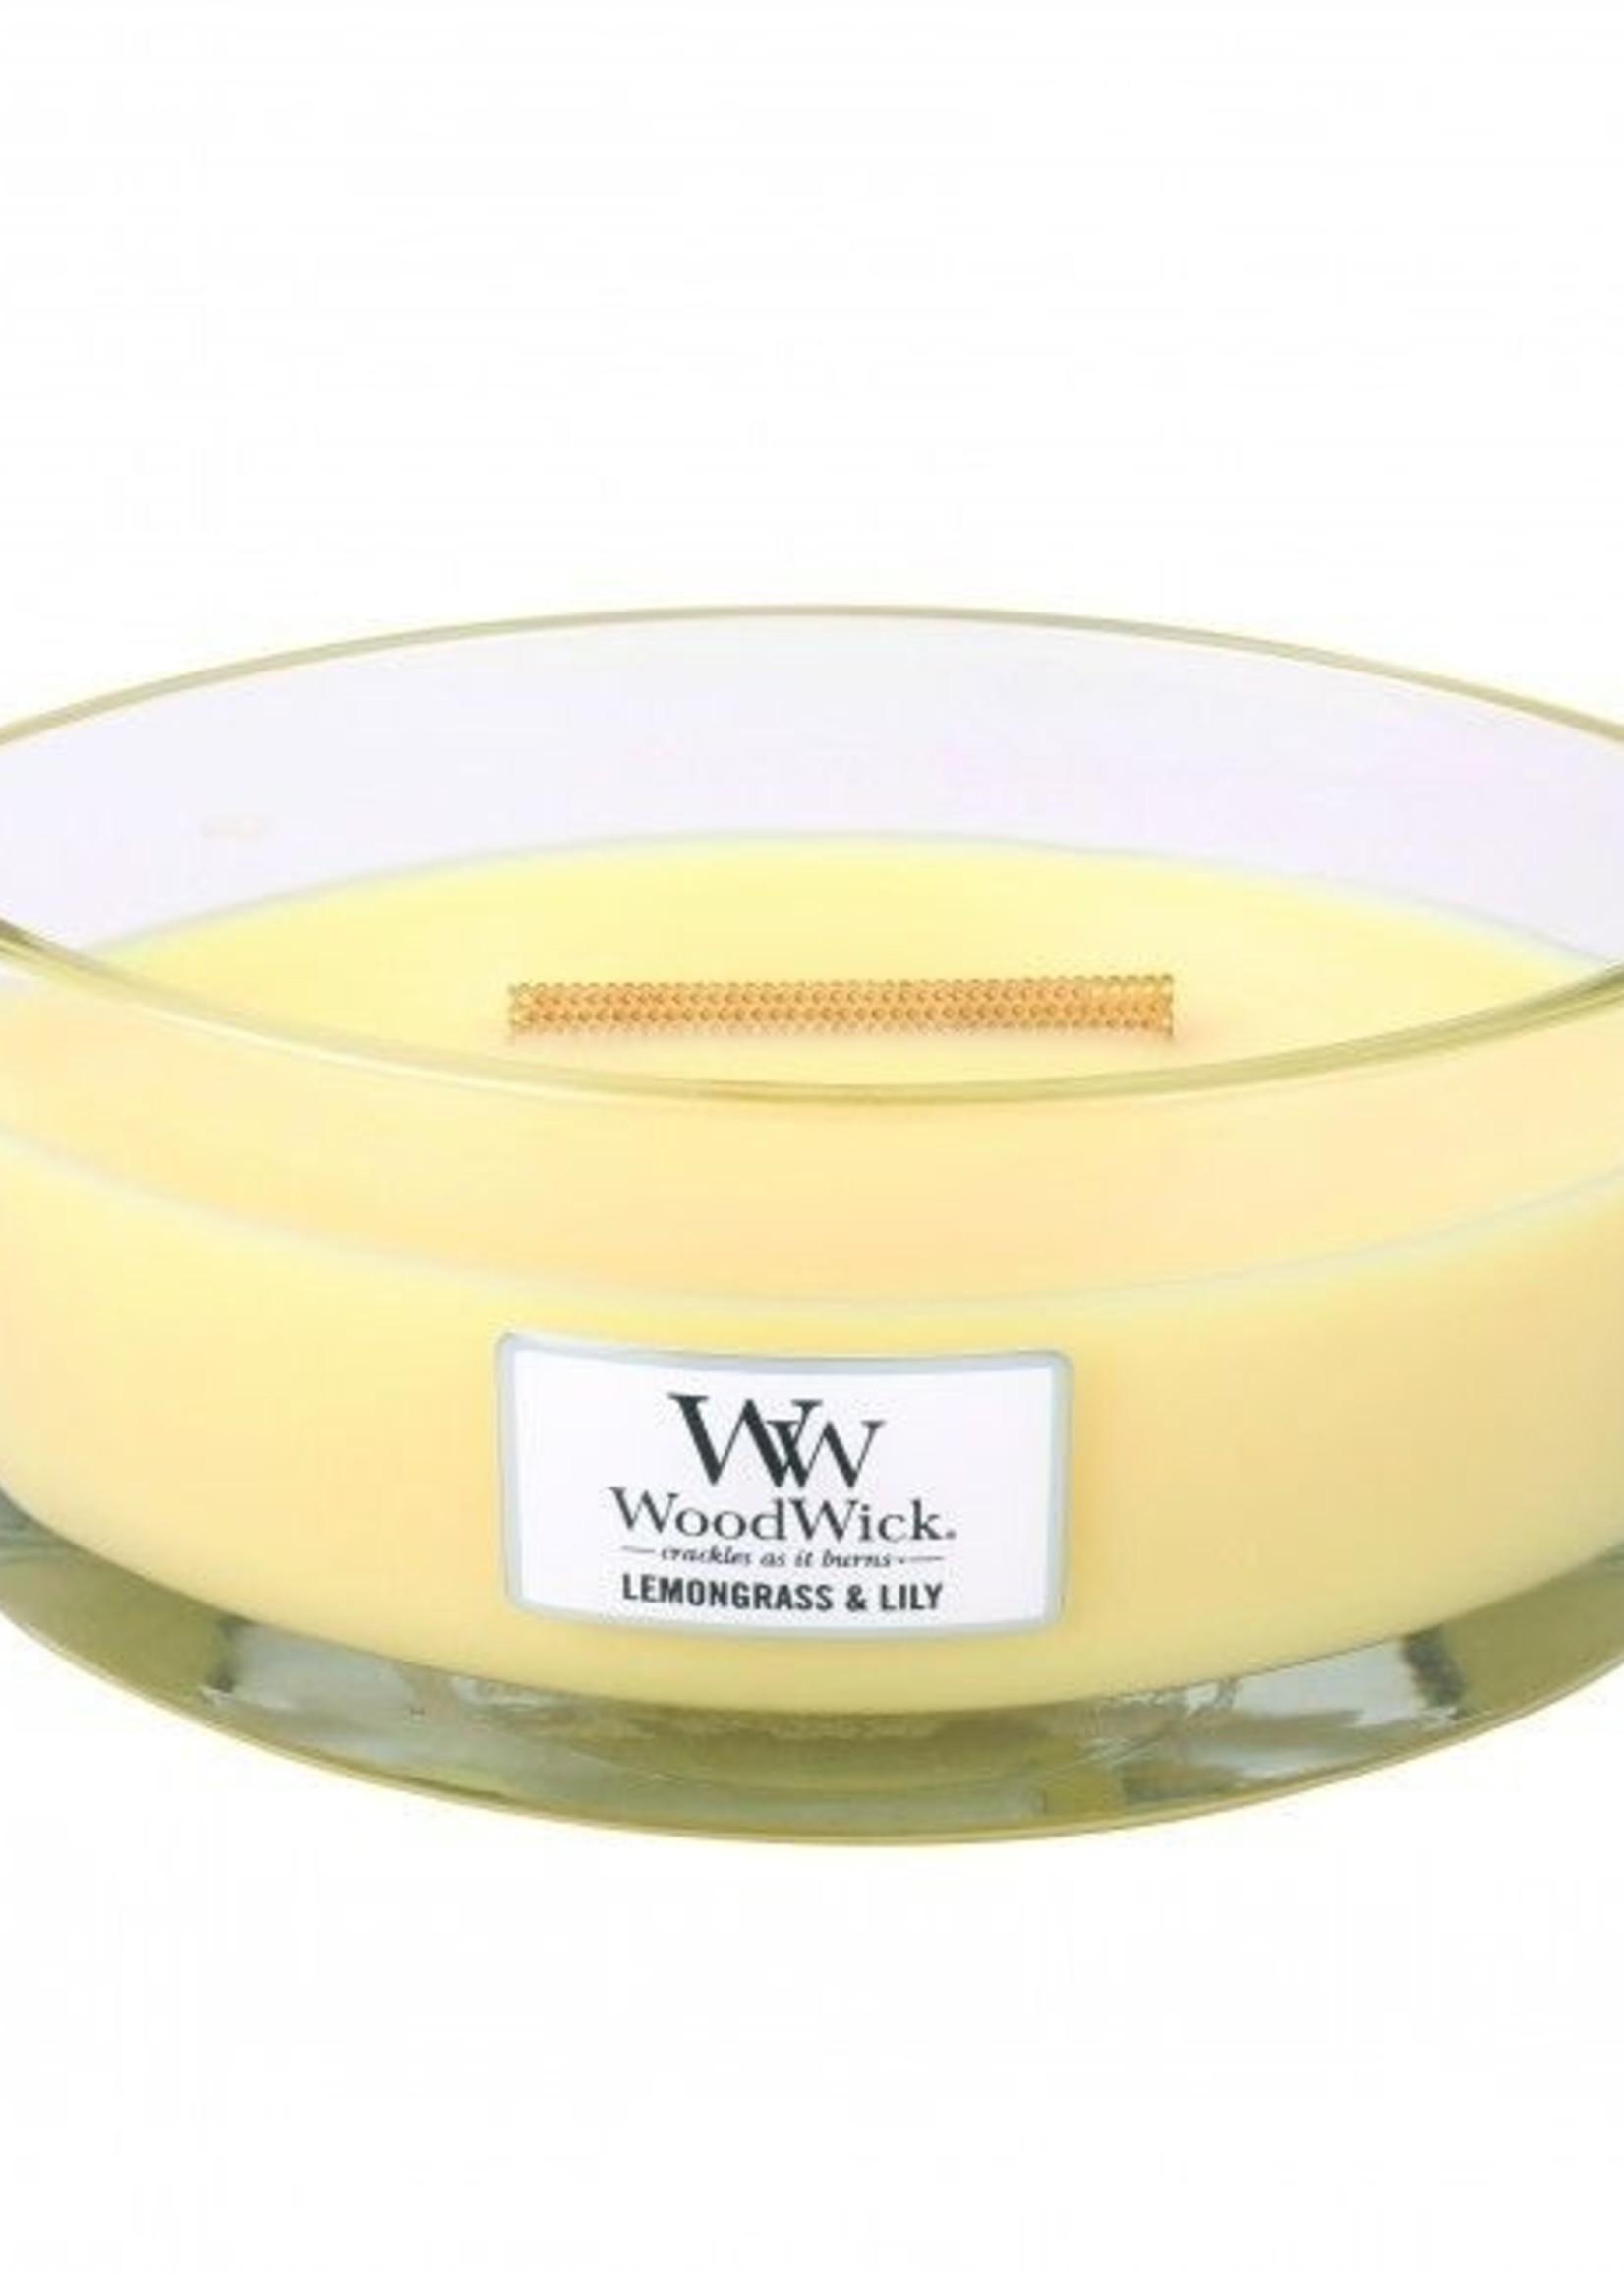 Woodwick Woodwick Lemongrass & Lily Ellipse Candle